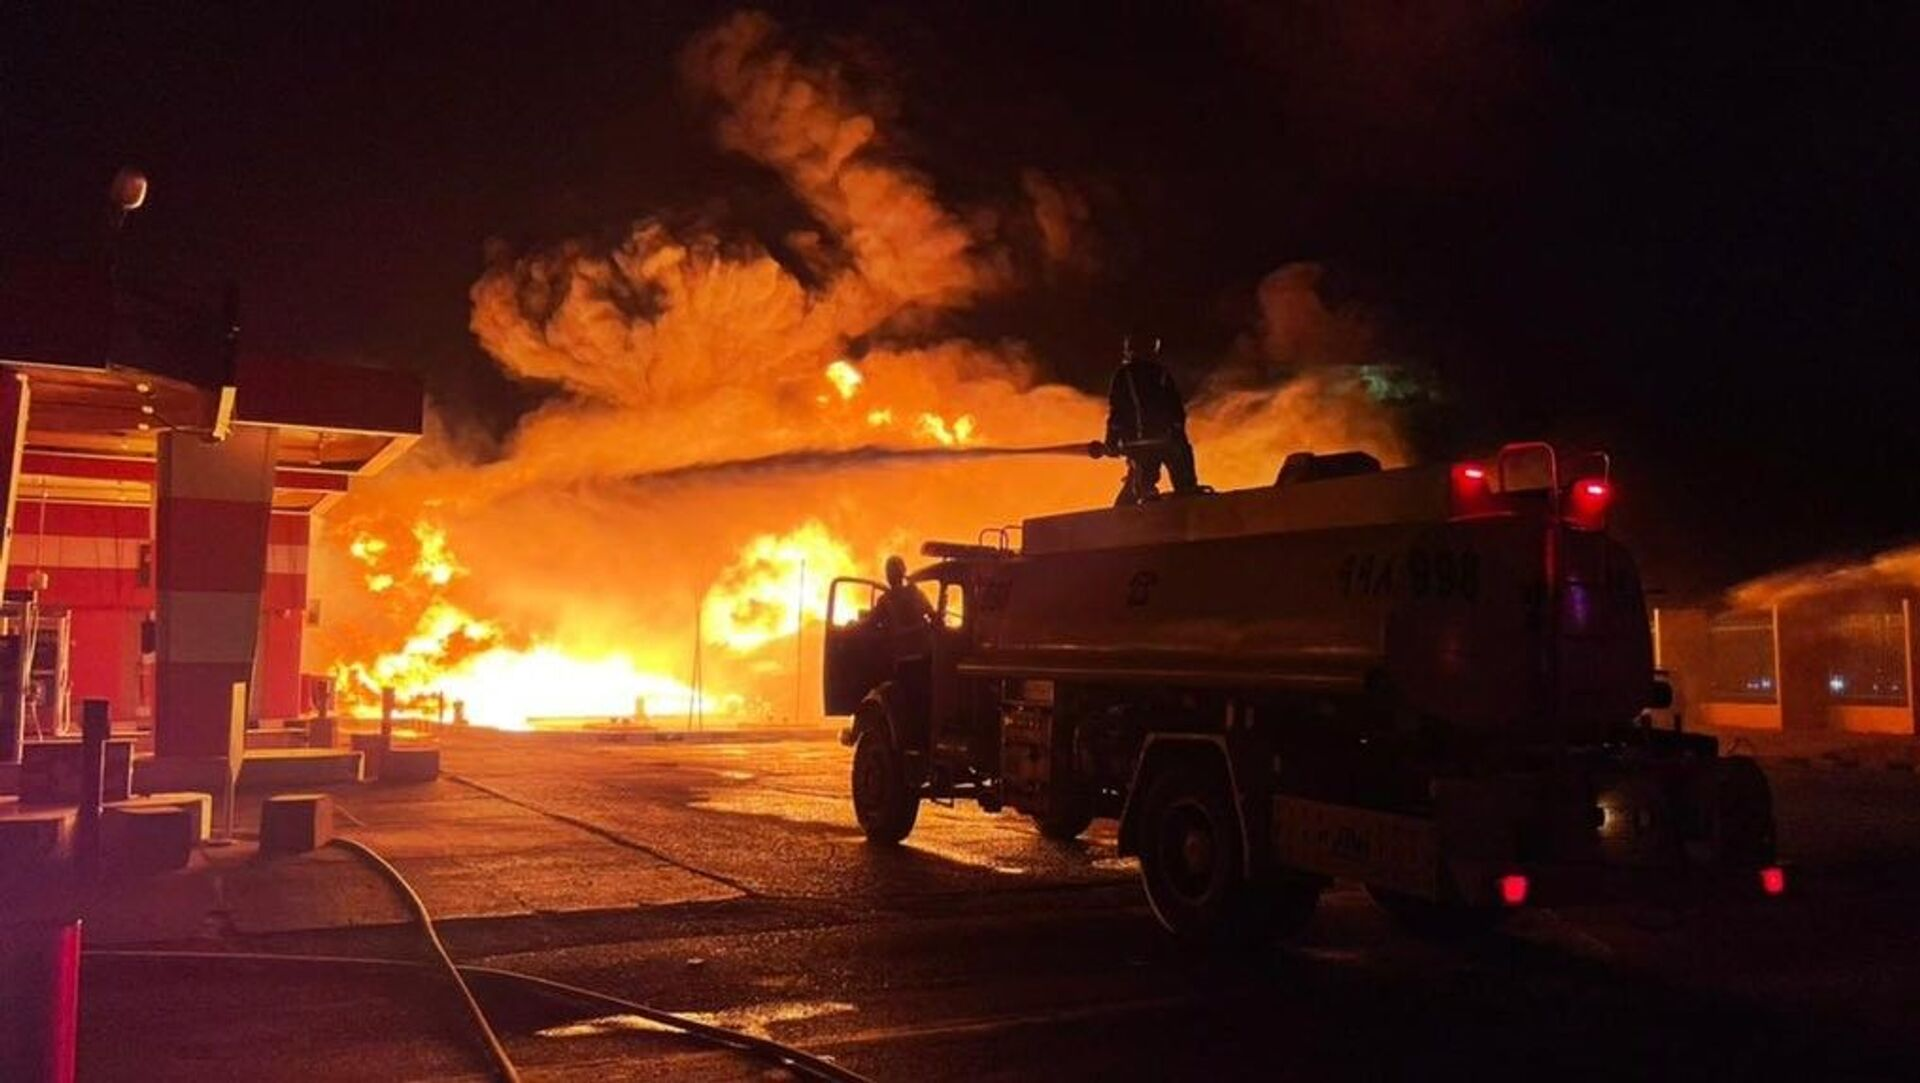 Suudi Arabistan'da bir benzin istasyonunda tankerin yakıt boşaltması sırasında yangın çıktı. - Sputnik Türkiye, 1920, 07.08.2021